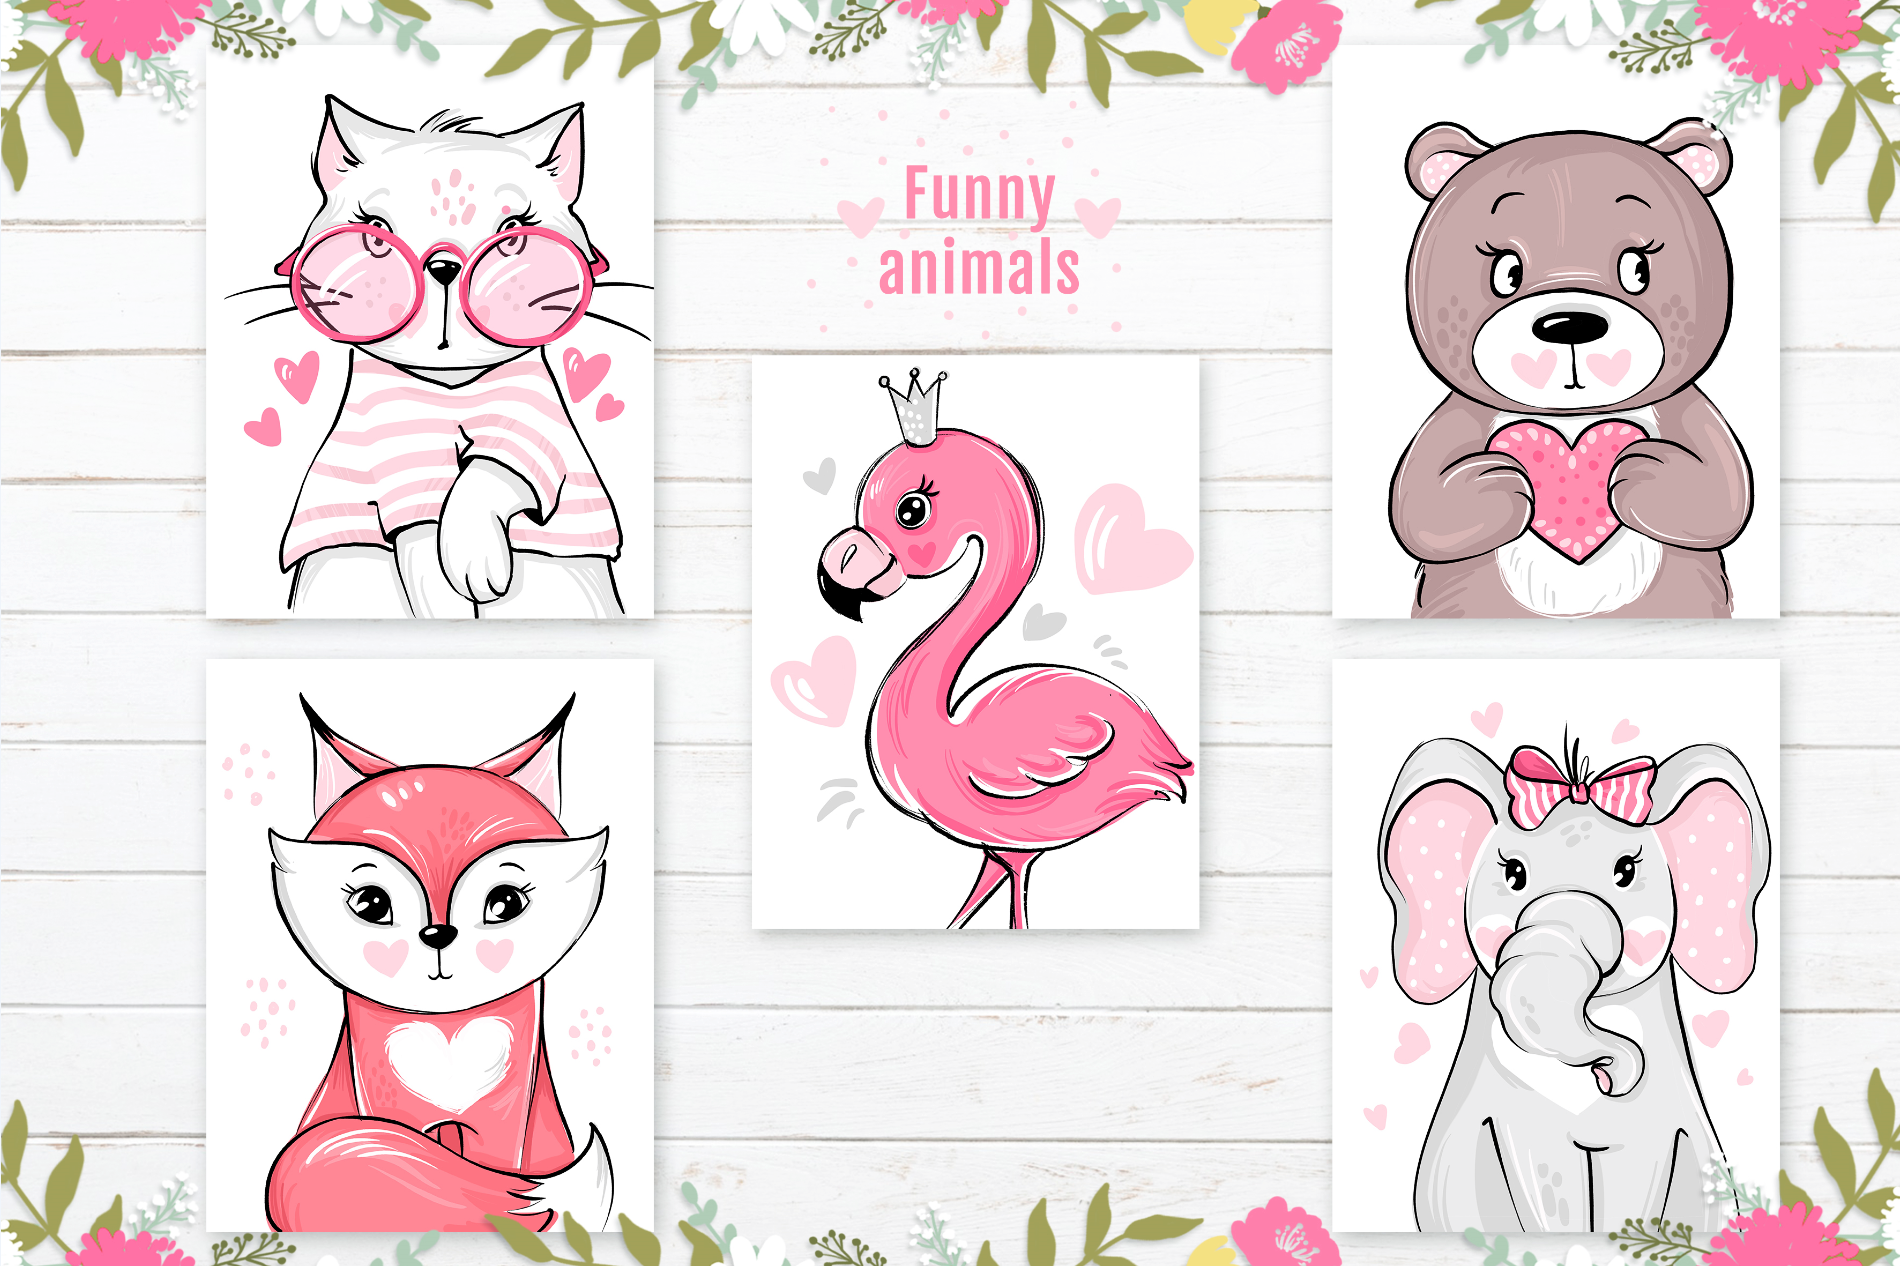 Разработать 5 изображений животных - добрые, веселые, яркие  фото f_3375c863a8792885.png